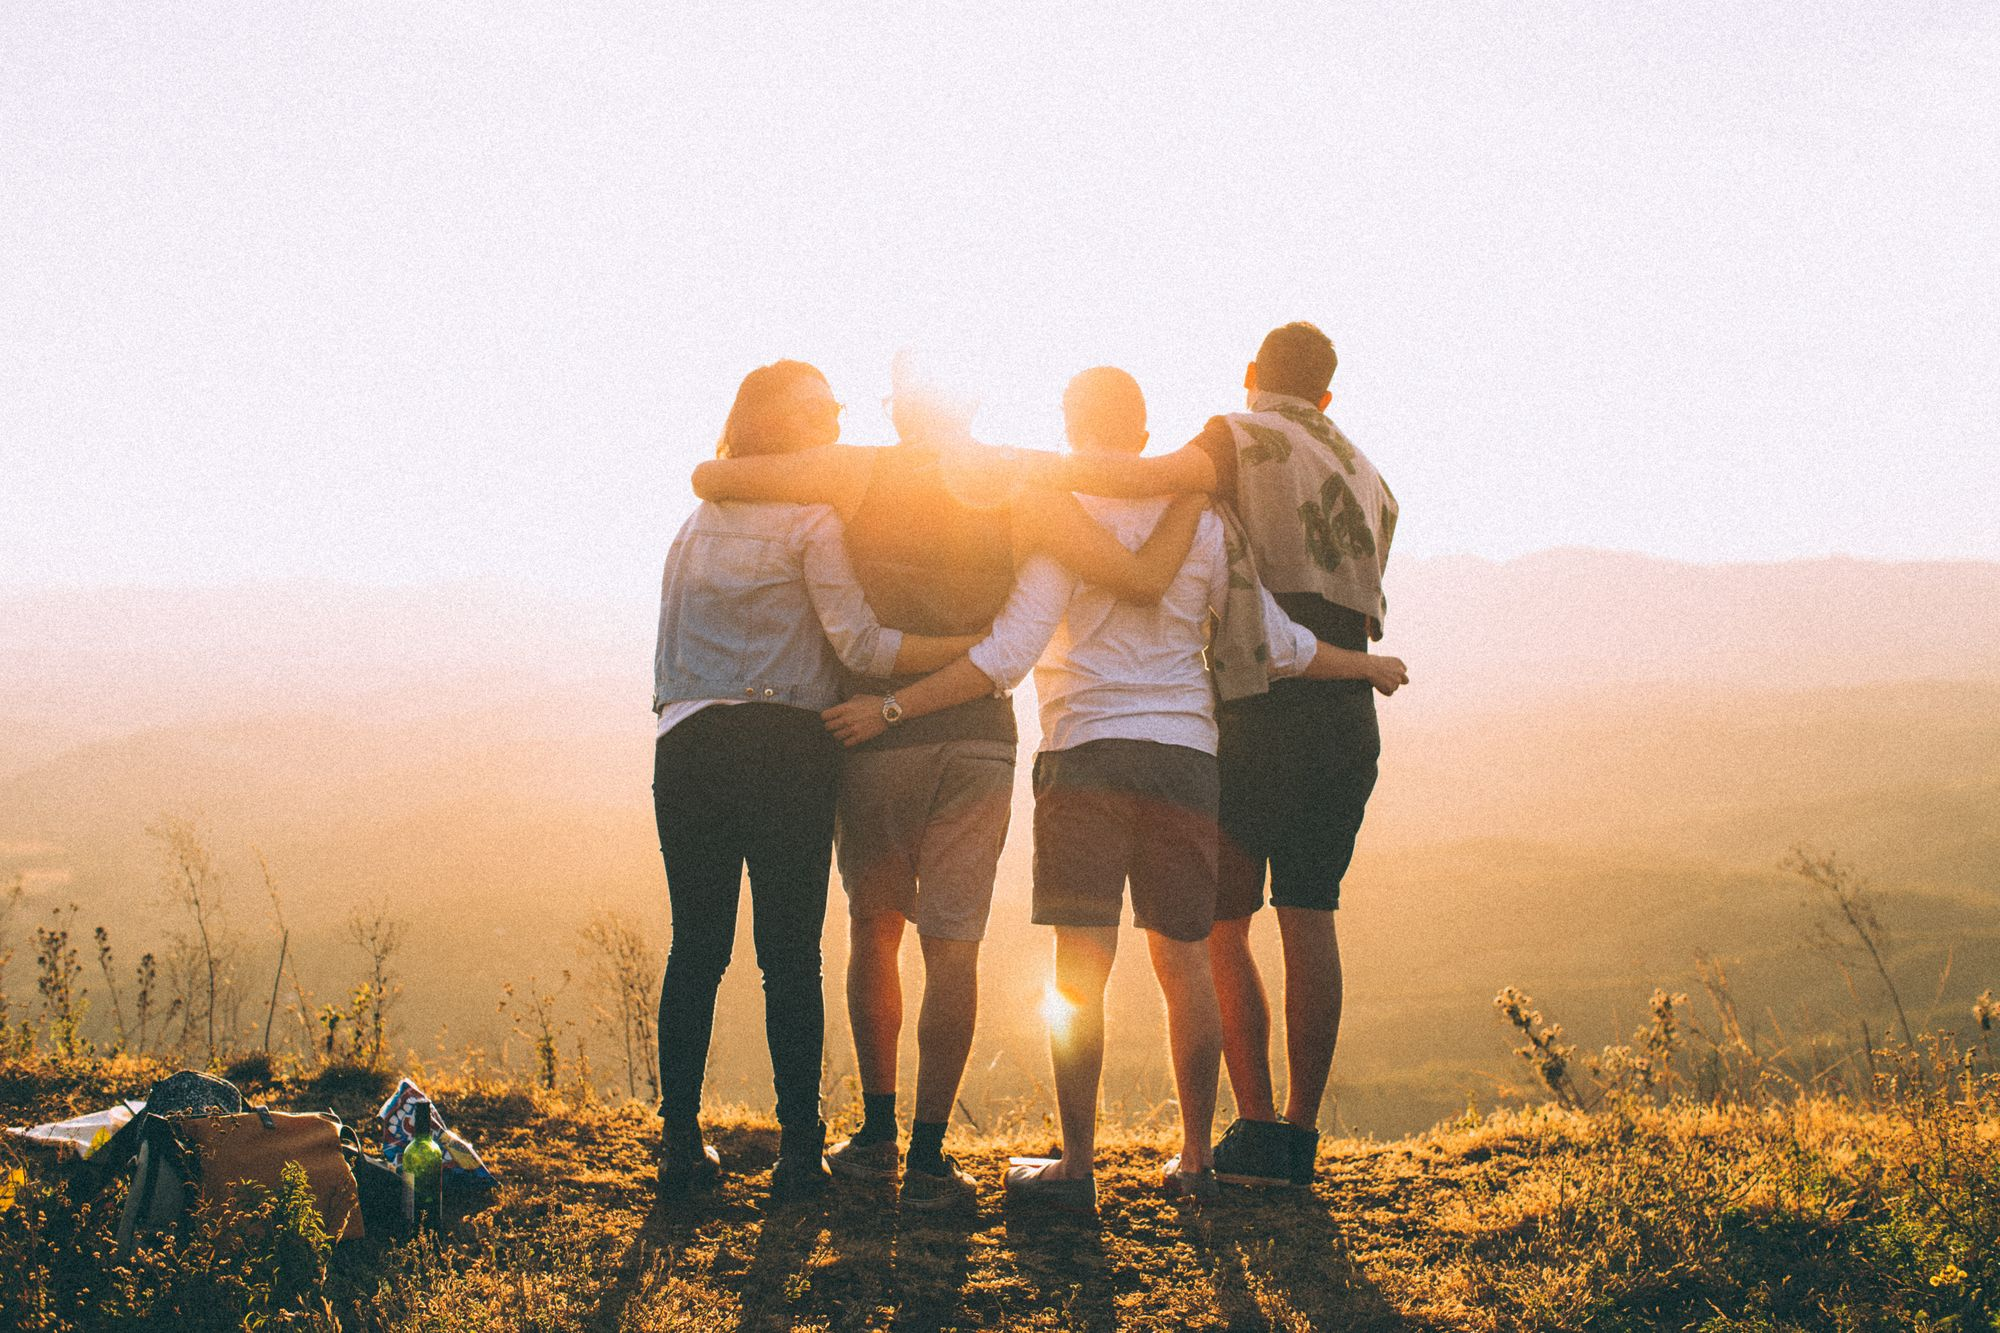 Die acht meist gebuchten Studenten Reiseziele in 2019